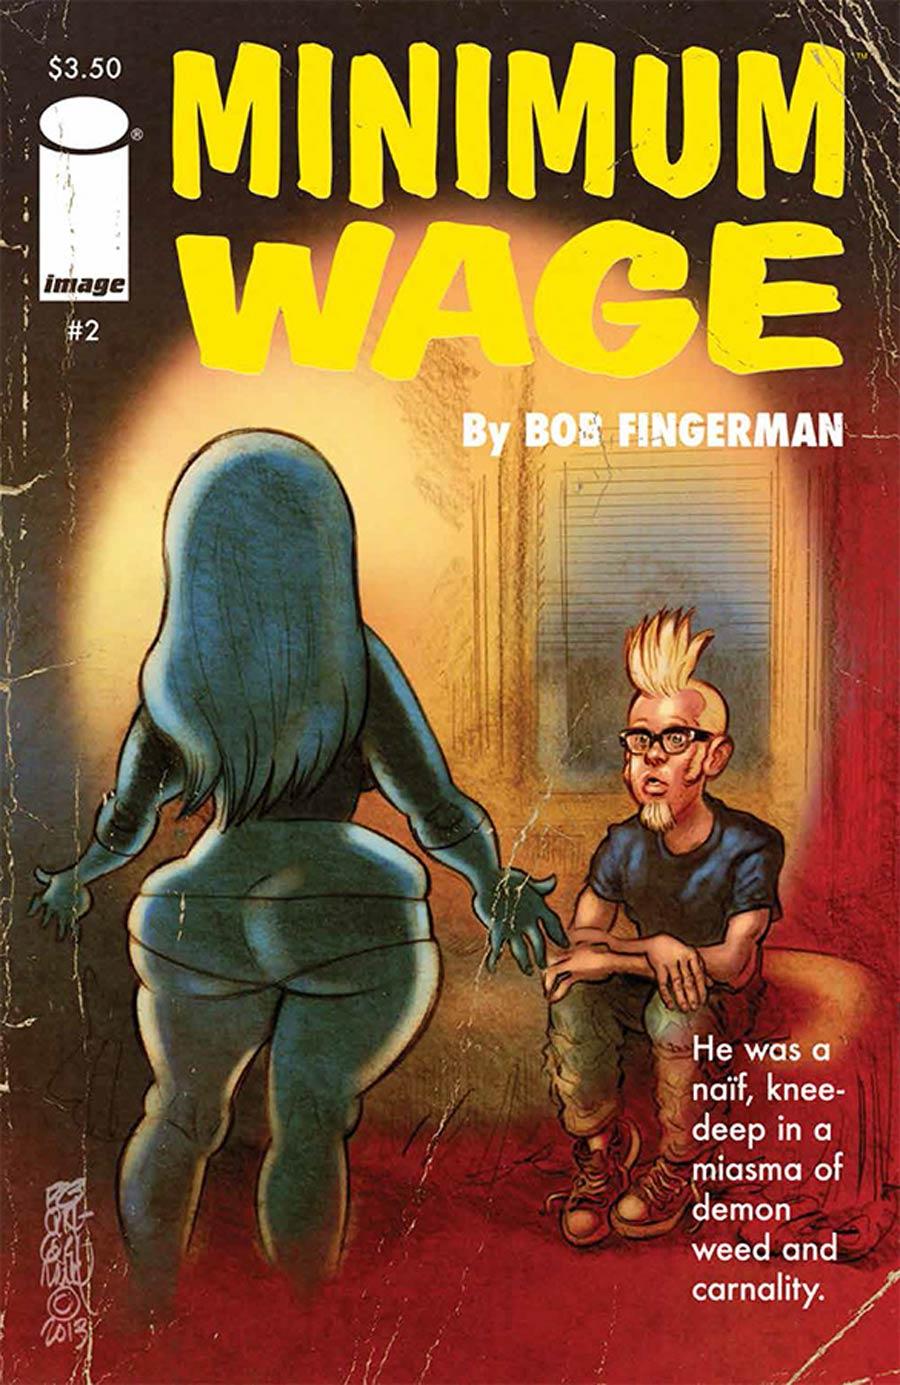 Minimum Wage Vol 3 #2